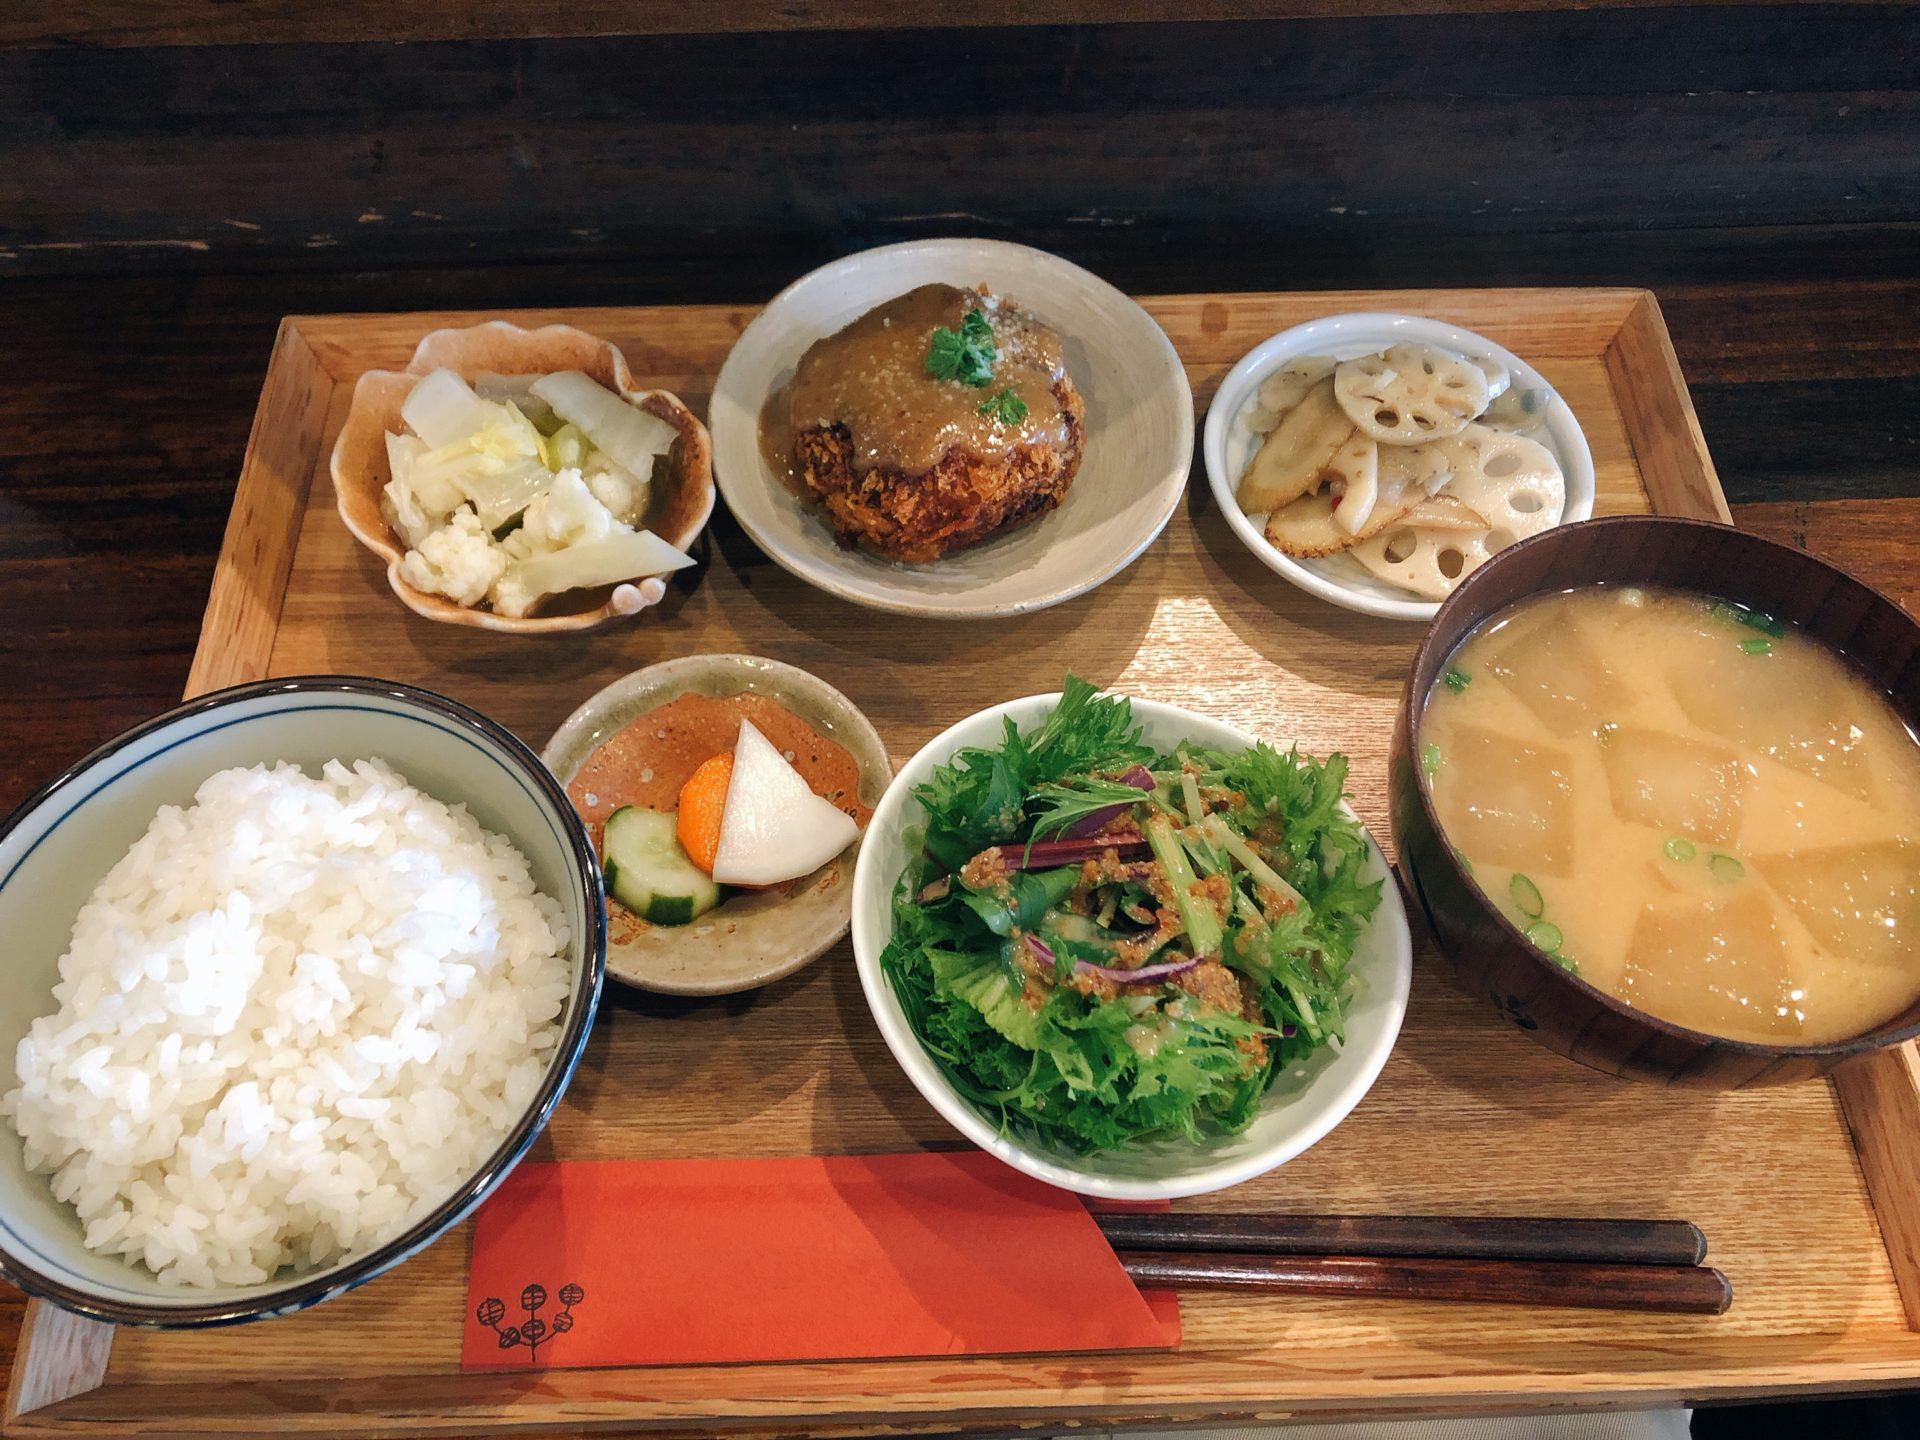 城下公会堂は、路面電車 城下駅からすぐ!お昼はレトロな店内で食べる、旬の野菜が盛りだくさんの週替わりランチがおススメ!